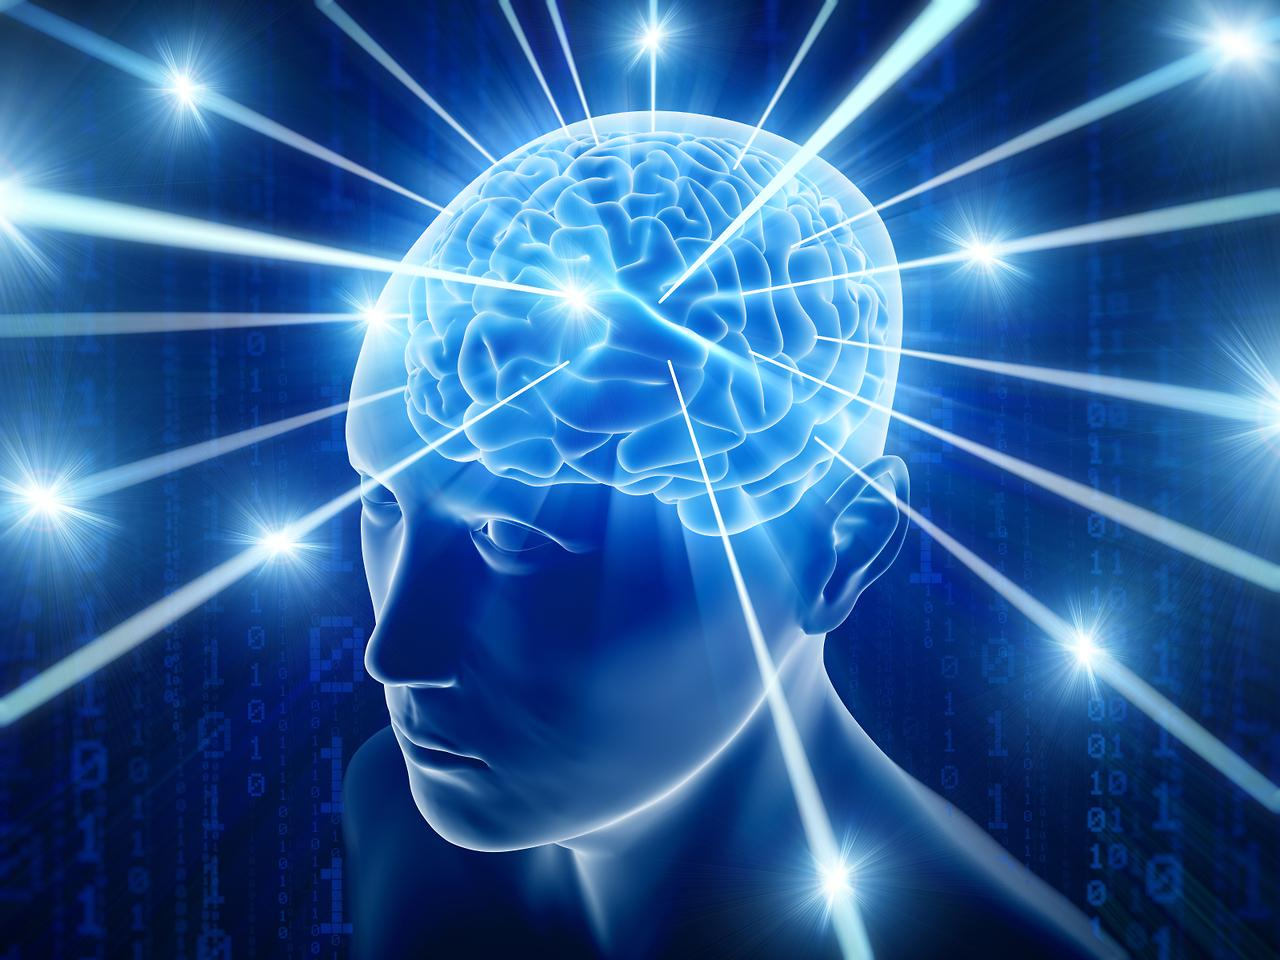 第一阶段:脑能力应用